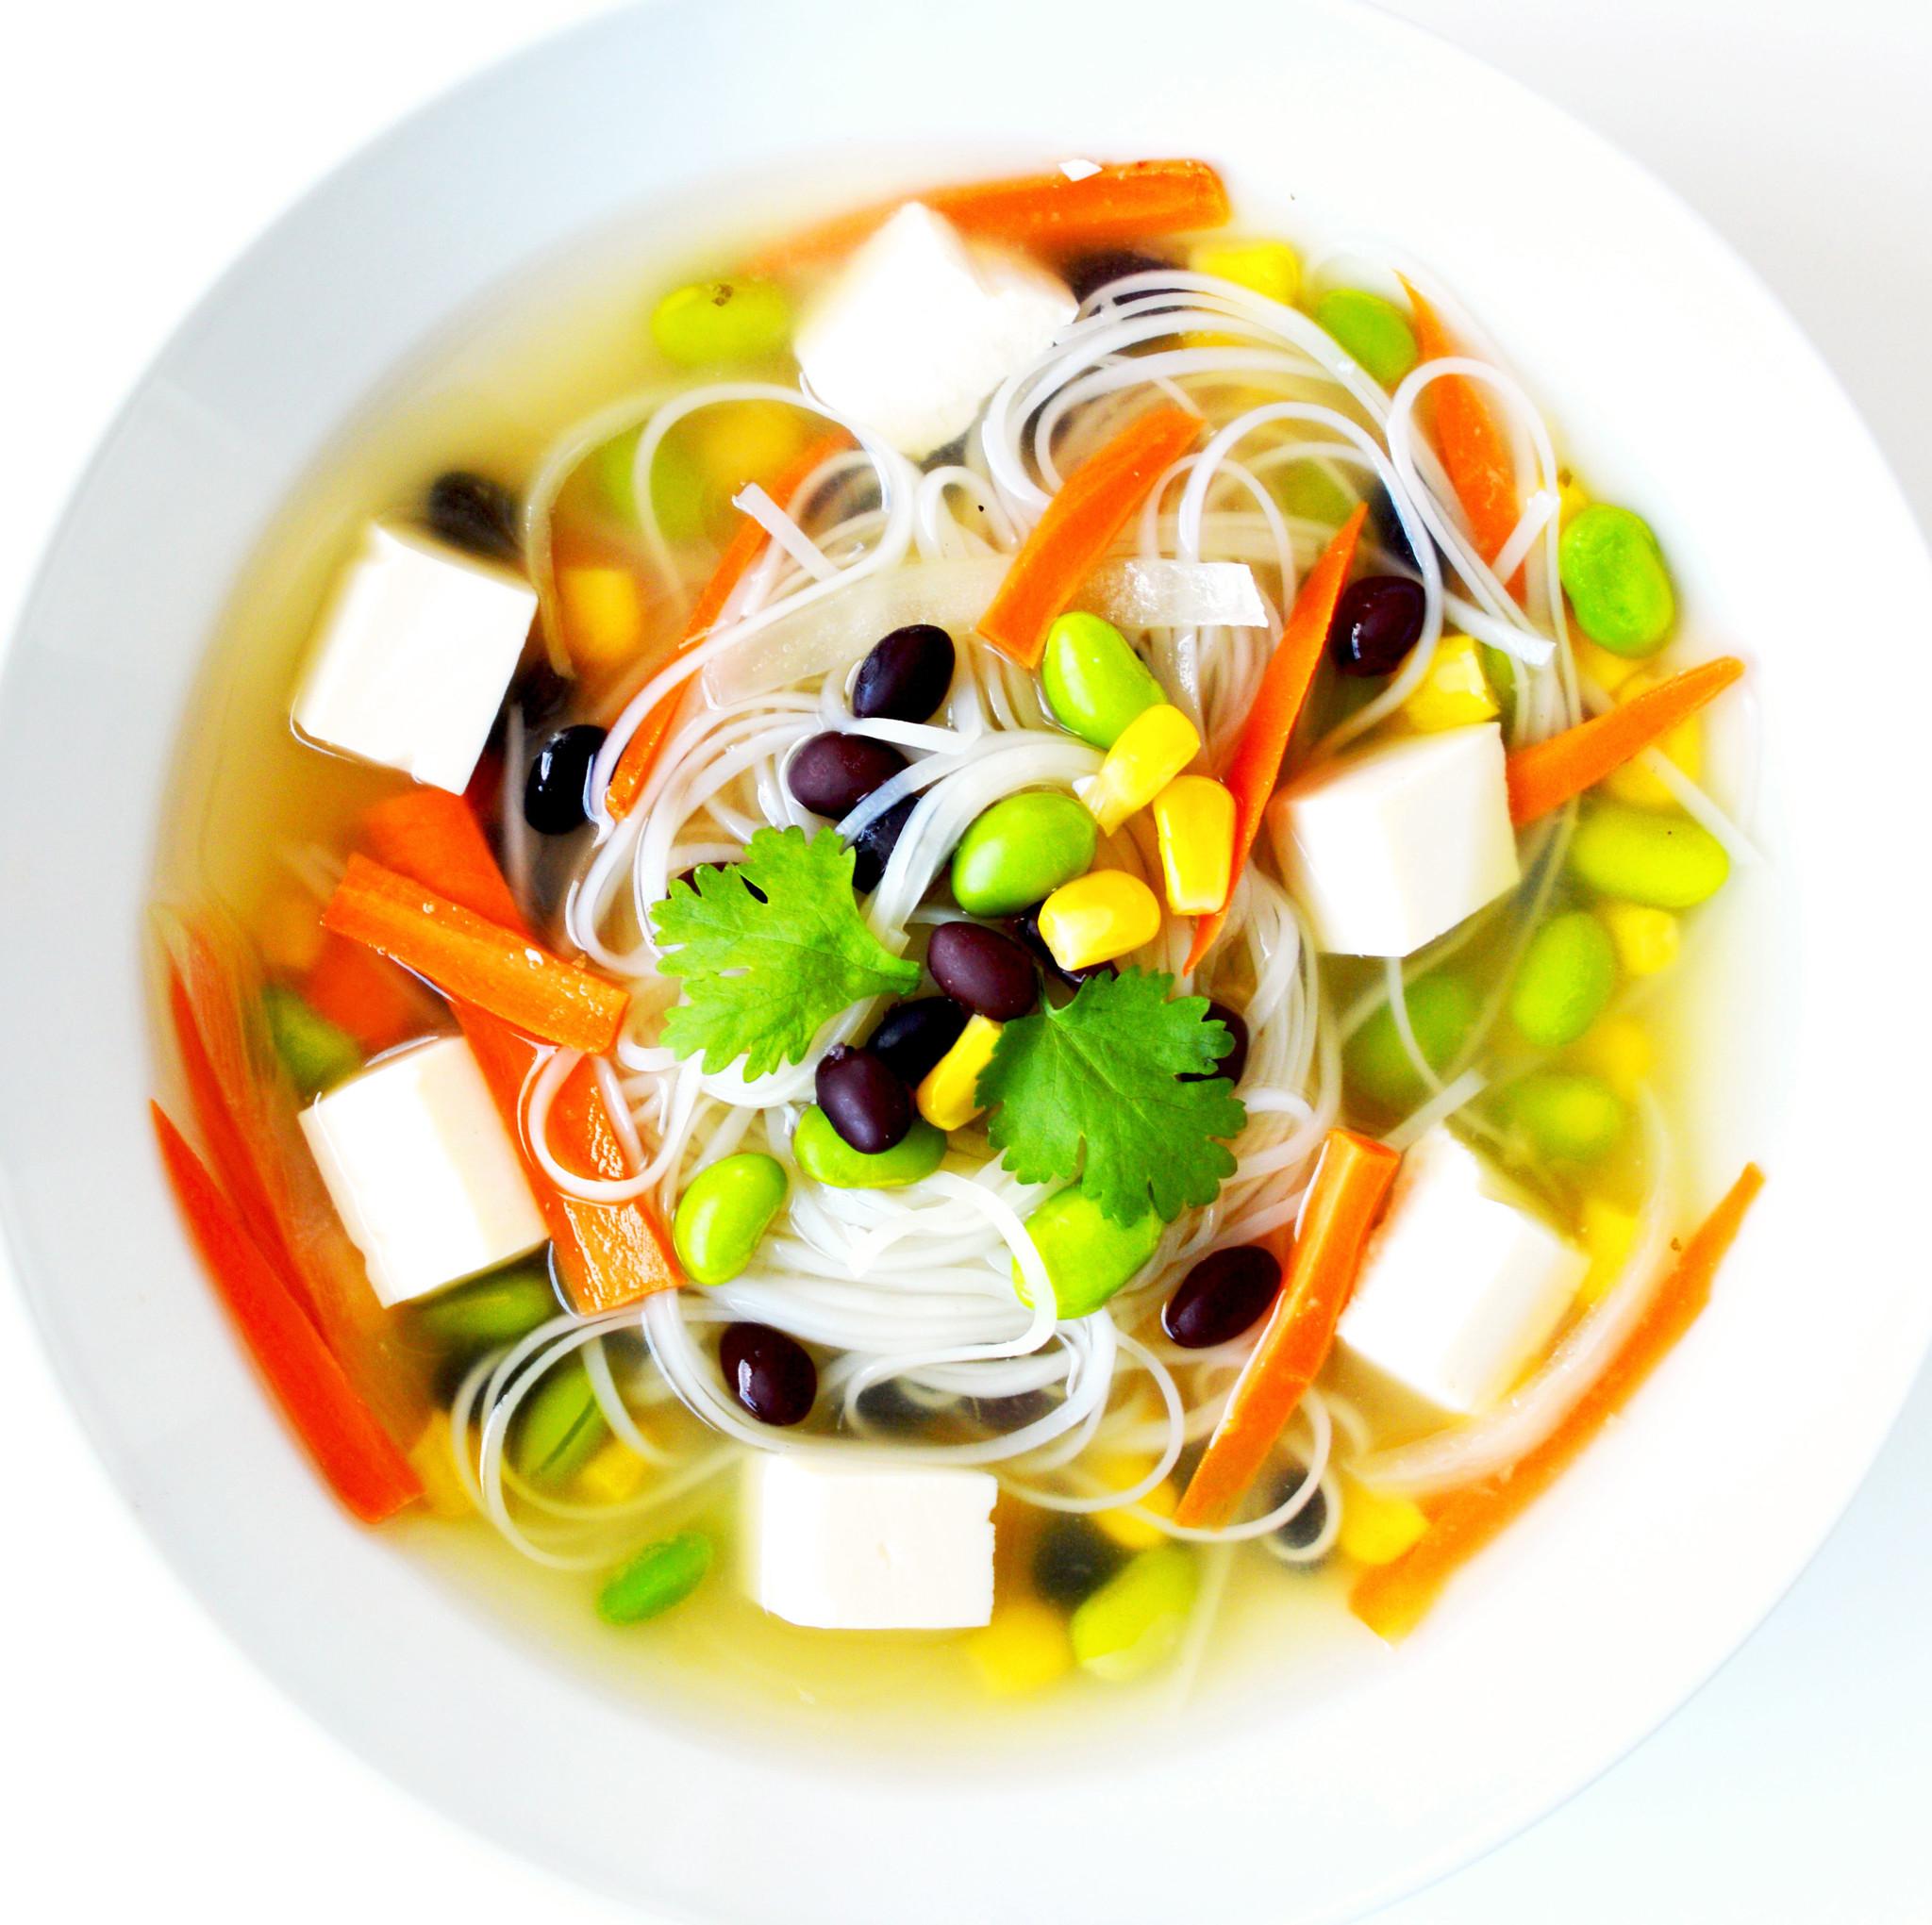 Soupe-repas japonaise végétalienne (325g)